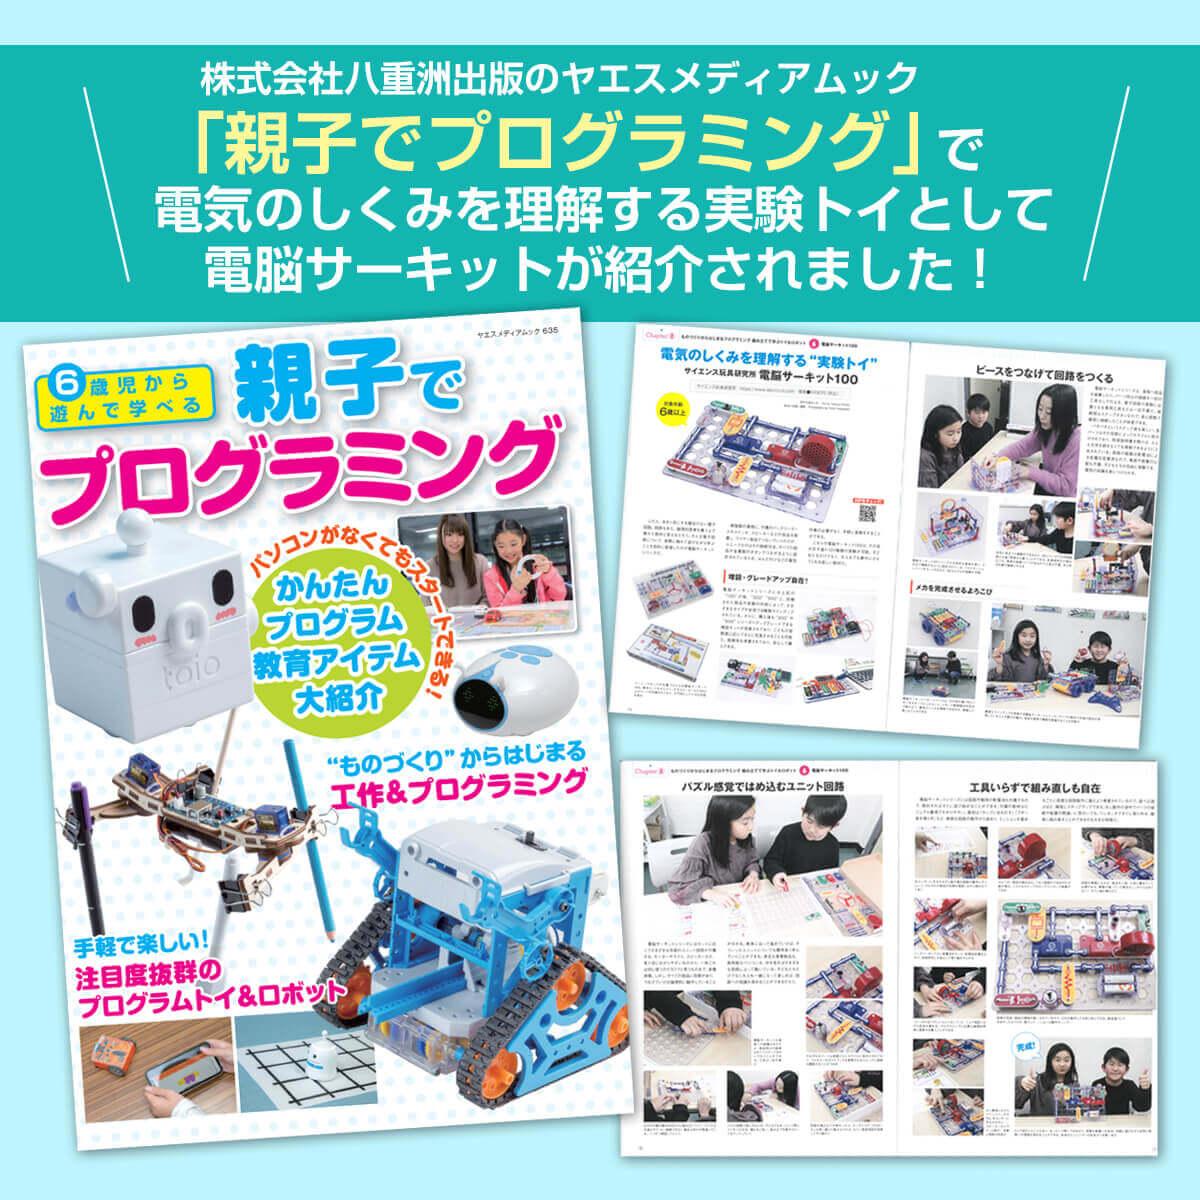 プログラミングの雑誌でも紹介されました